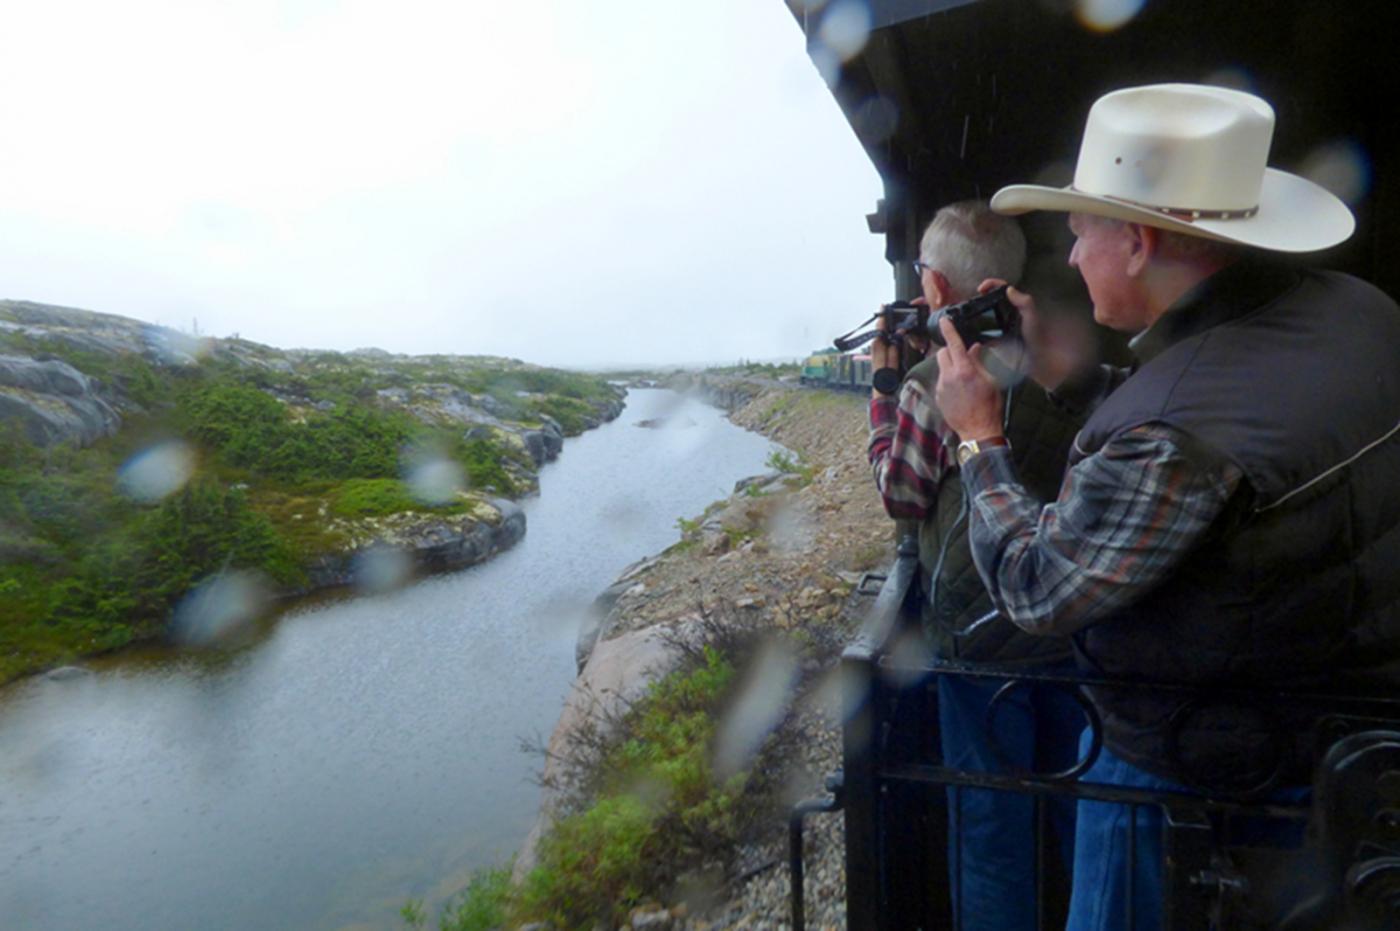 阿拉斯加,那山、那水、那人……_图1-36